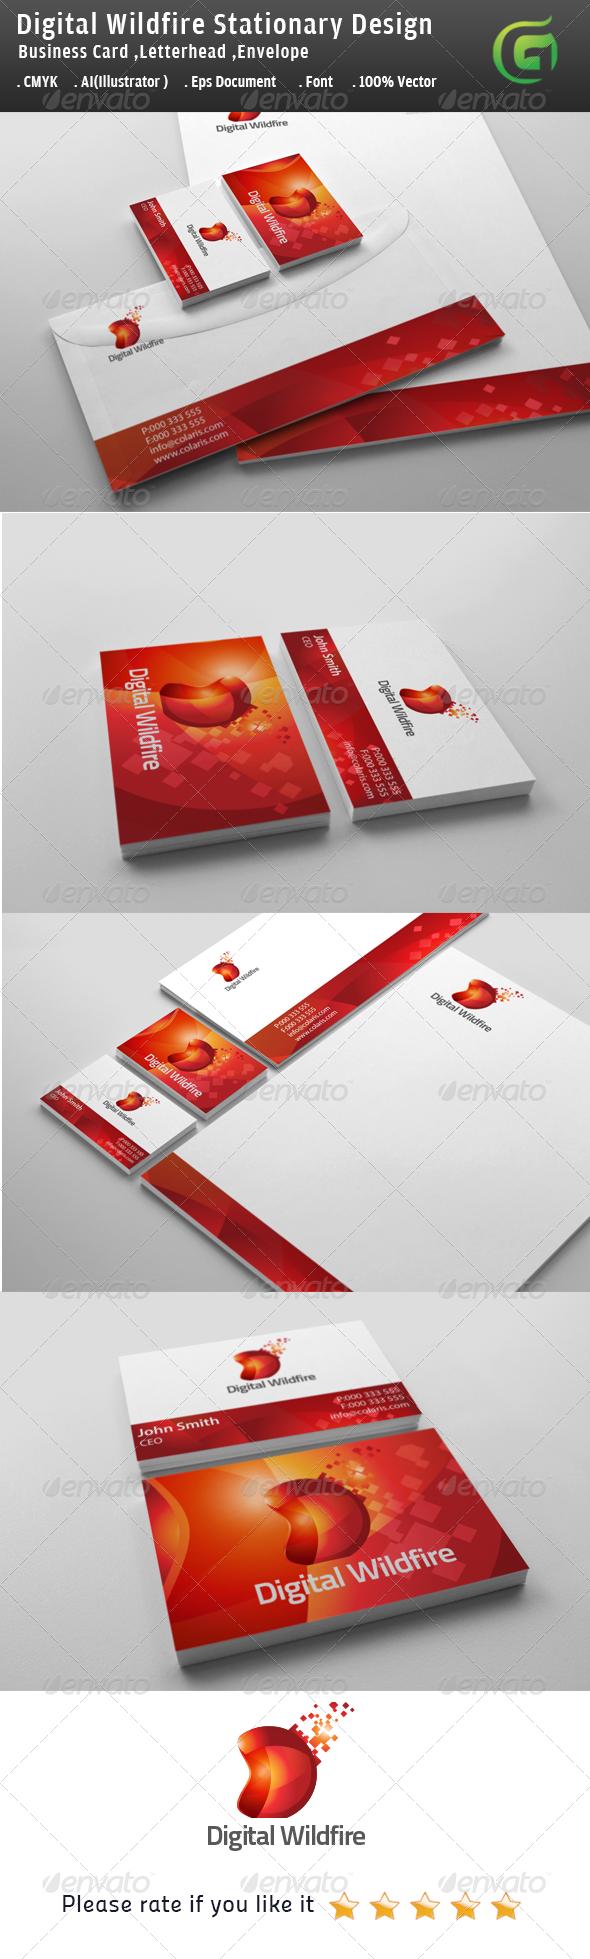 GraphicRiver Digital Wildfire Stationary Design 6046121